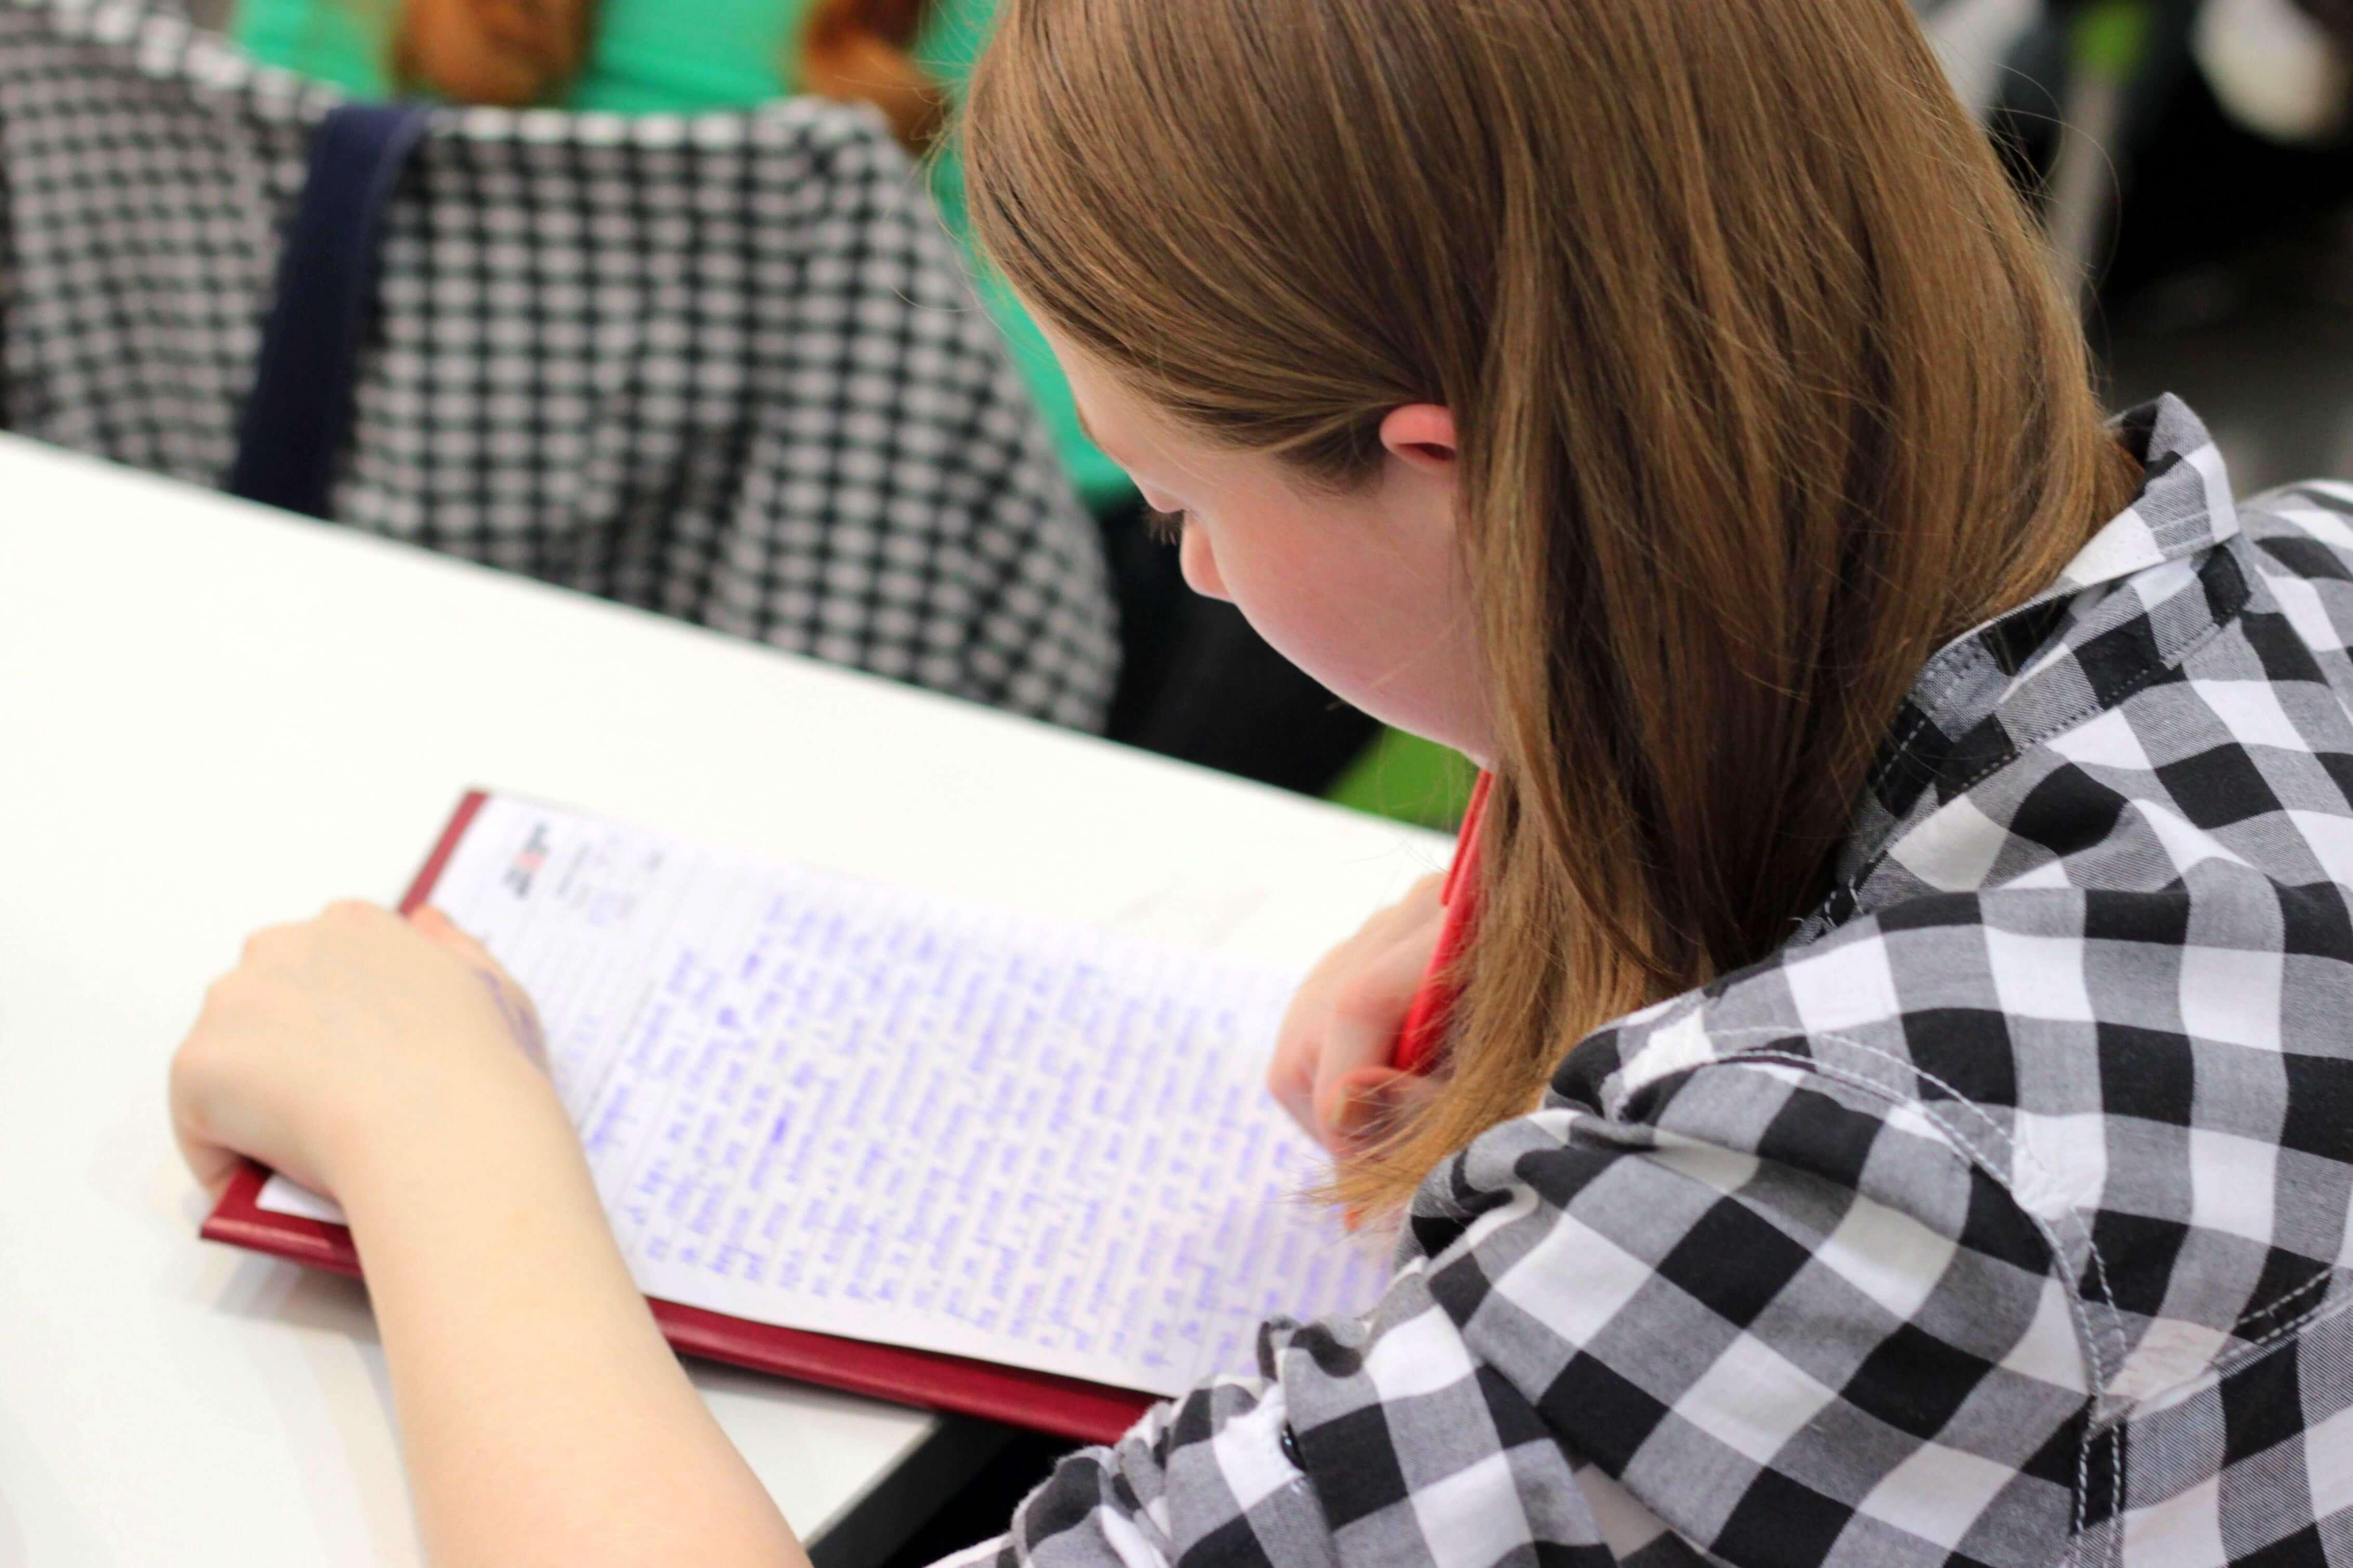 Estudante de cabeça baixa escrevendo em caderno